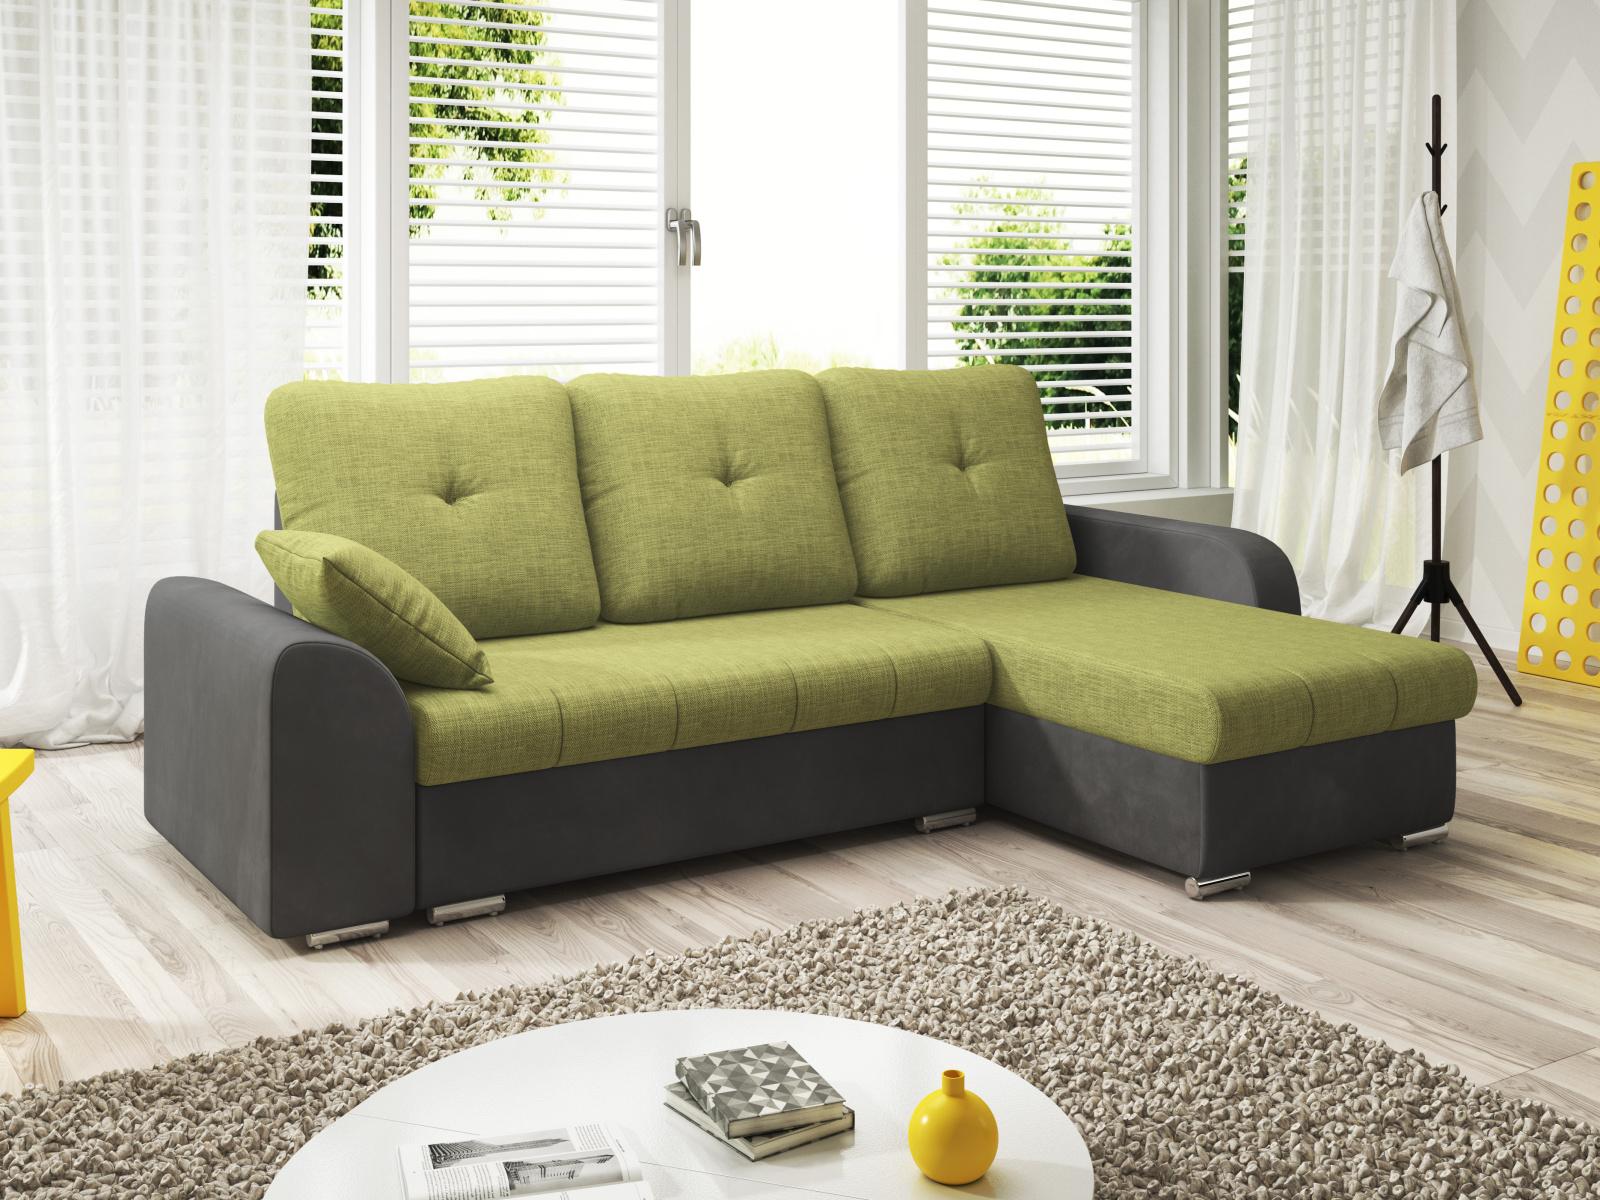 Smartshop Rohová sedačka DARLA 1-271 pravá, zelená látka/šedá látka